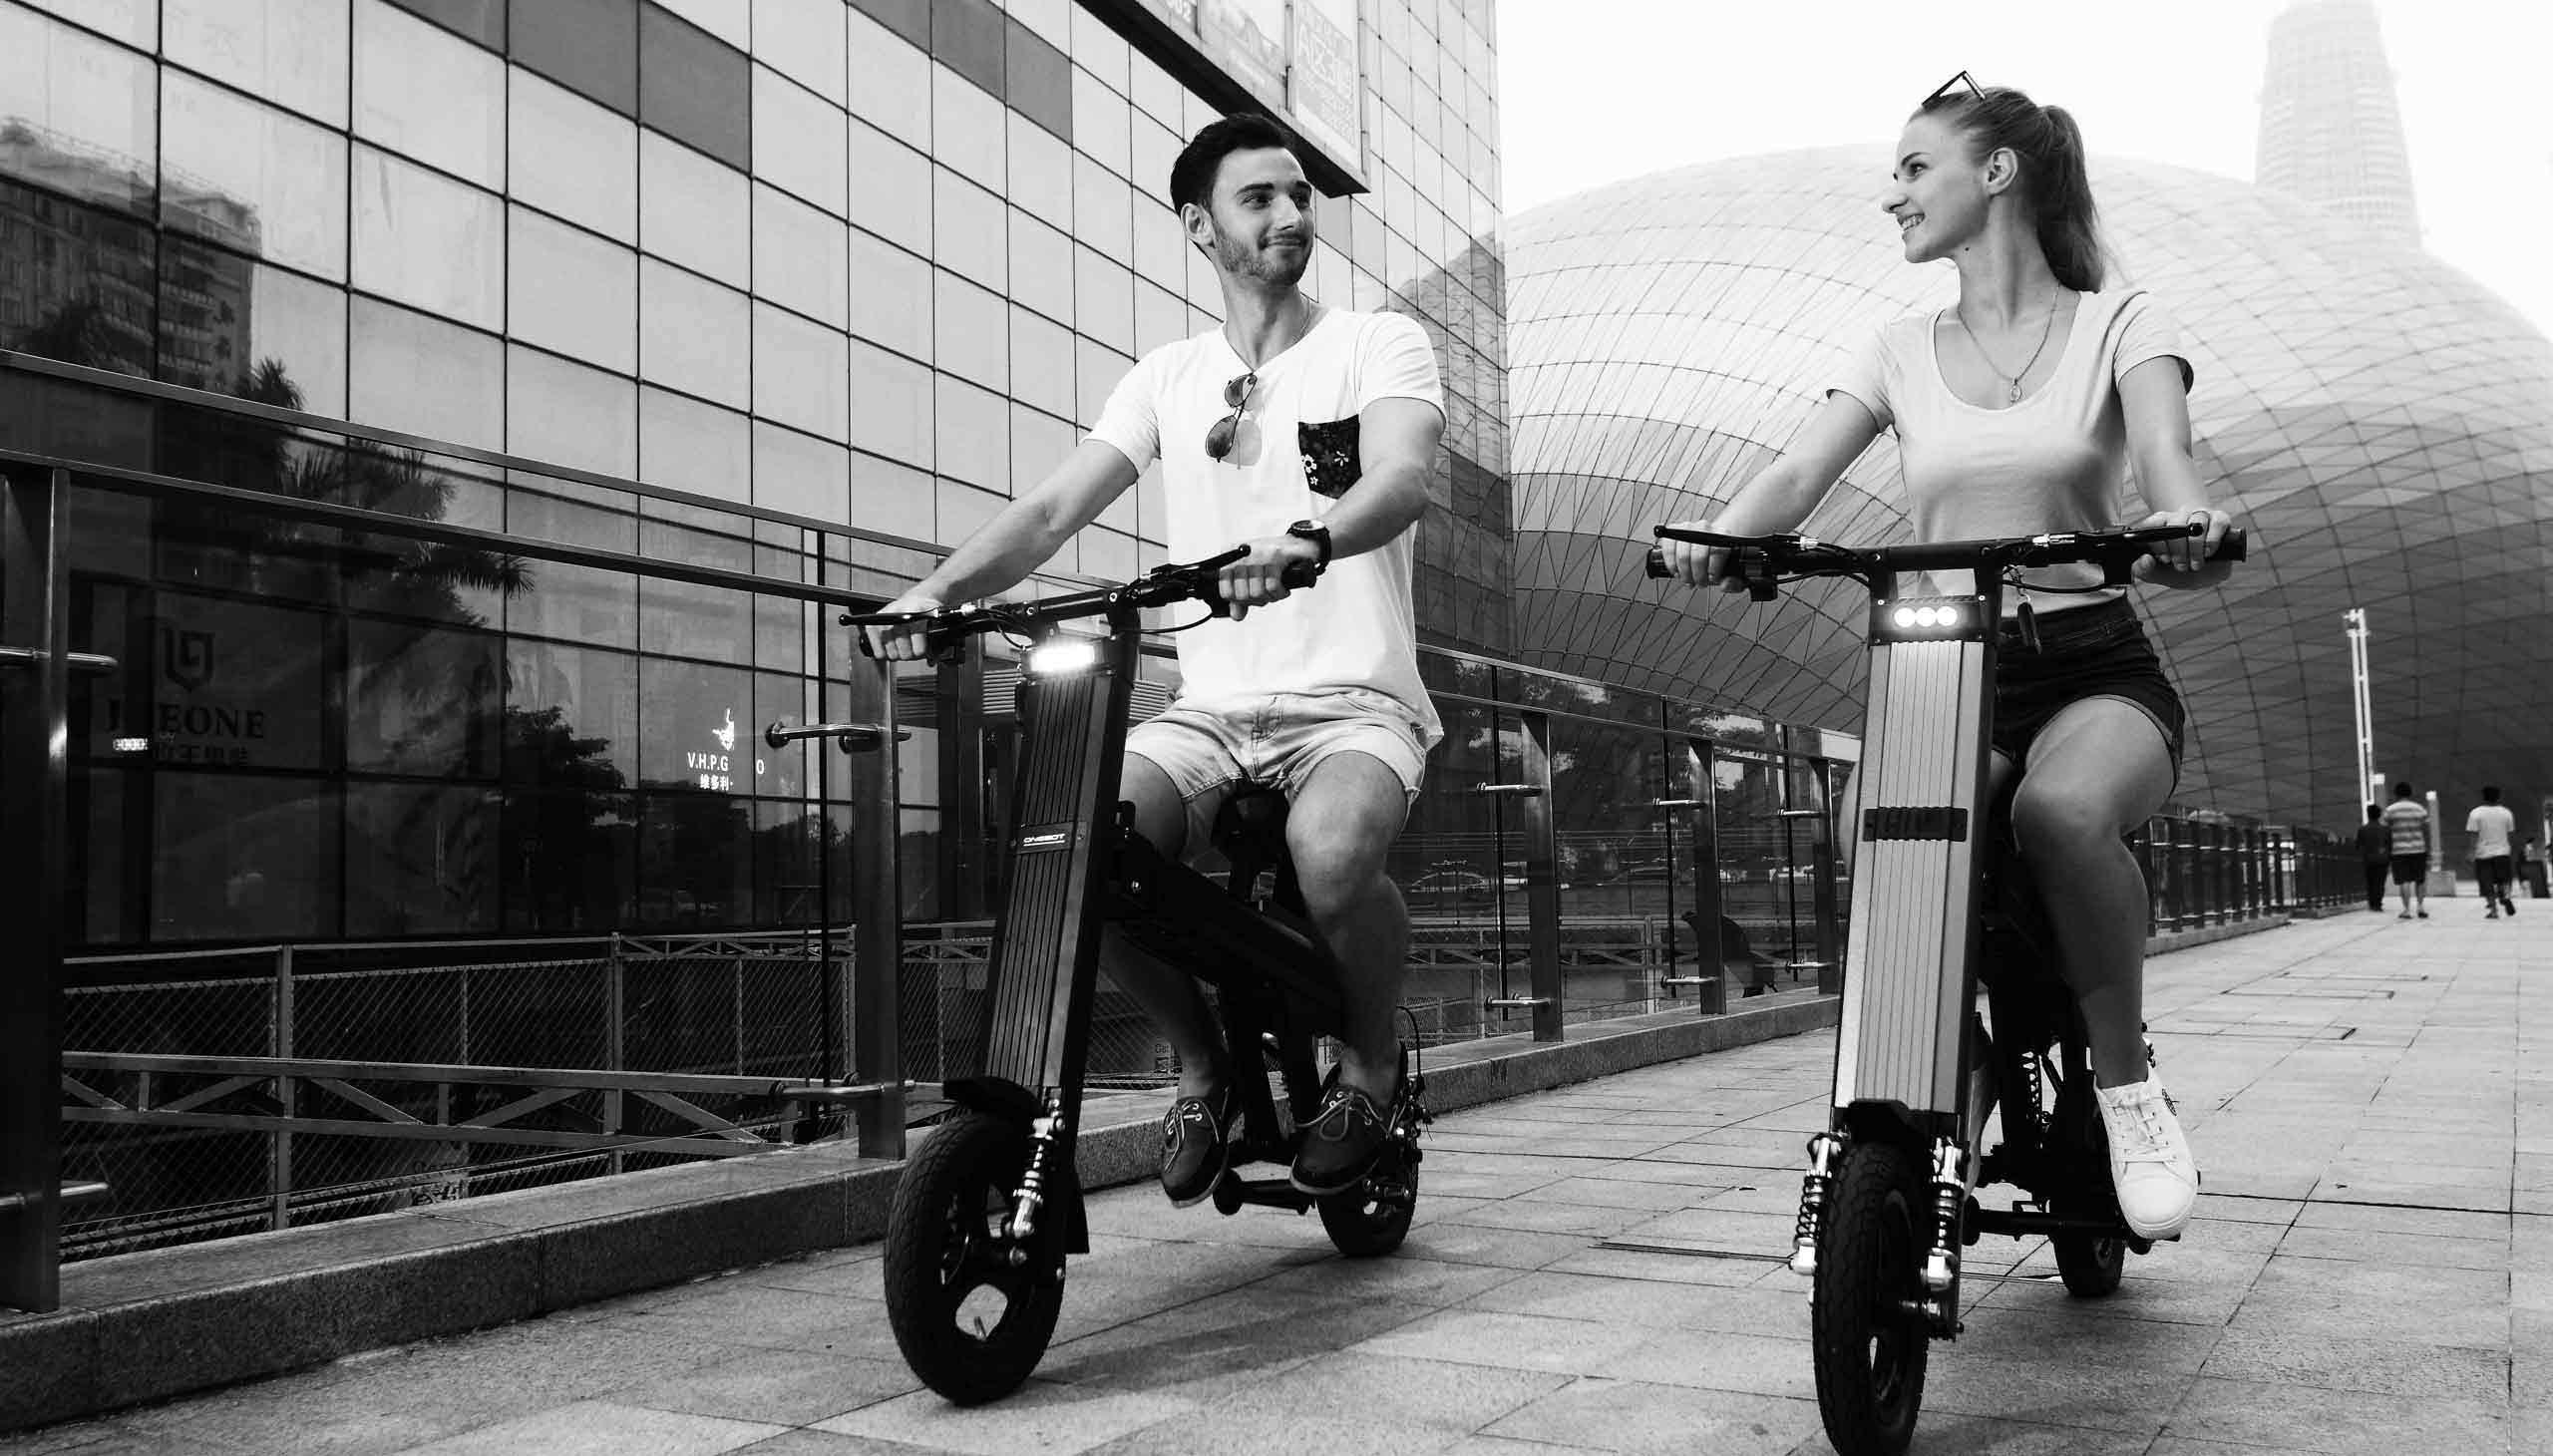 还在骑脚踏车到筋疲力尽吗?来试试电动自行车吧!